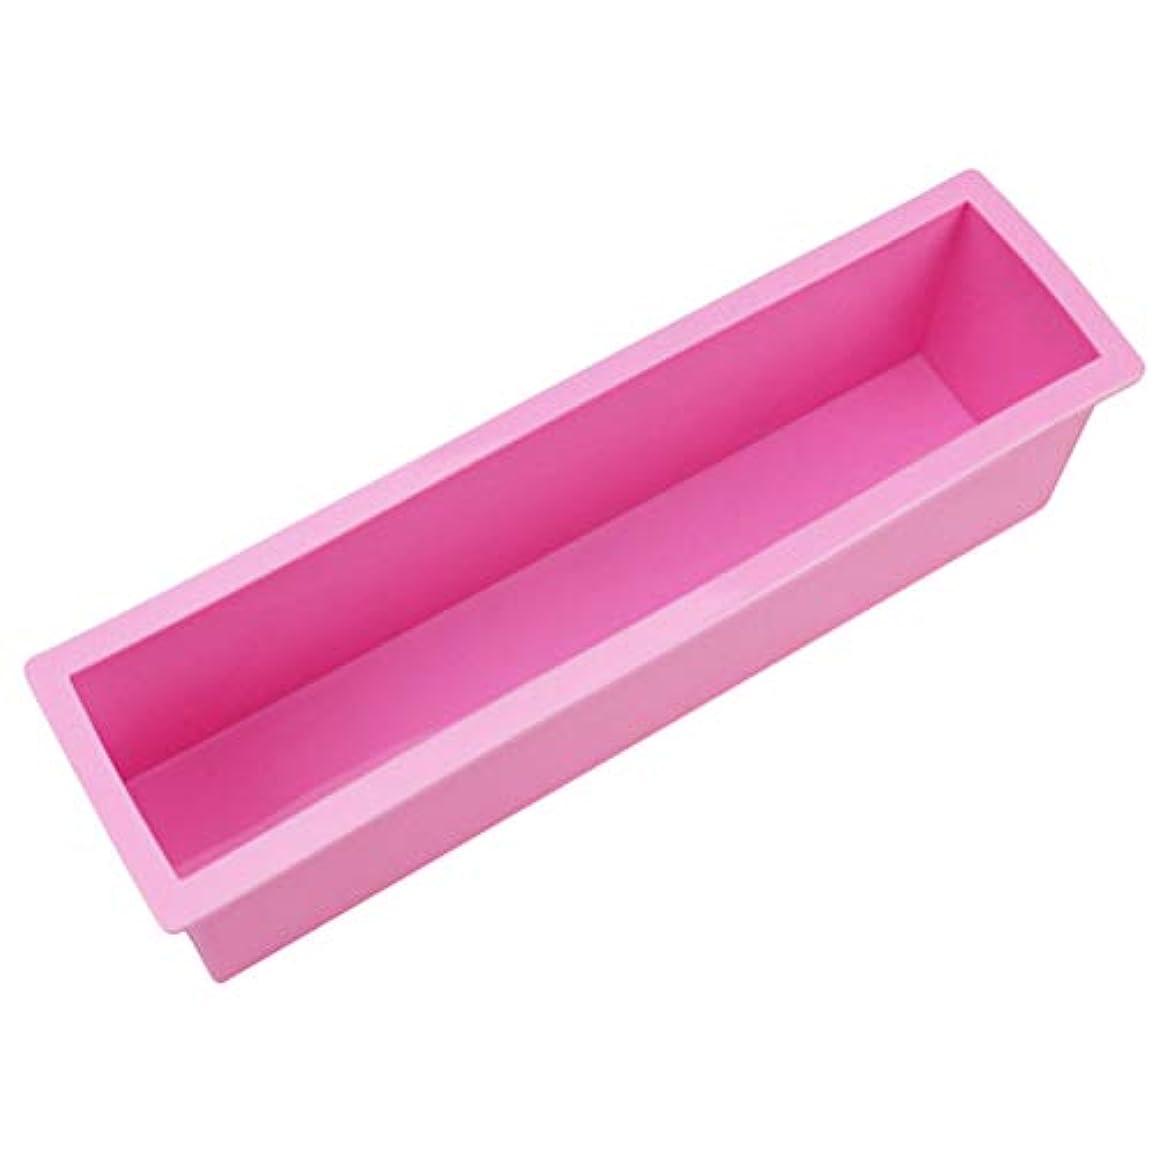 模倣リラックスした捧げるYardwe 石鹸ケーキミートローフ用品のための柔軟な長方形のシリコンソープモールドロープ(ランダムカラー)サイズL